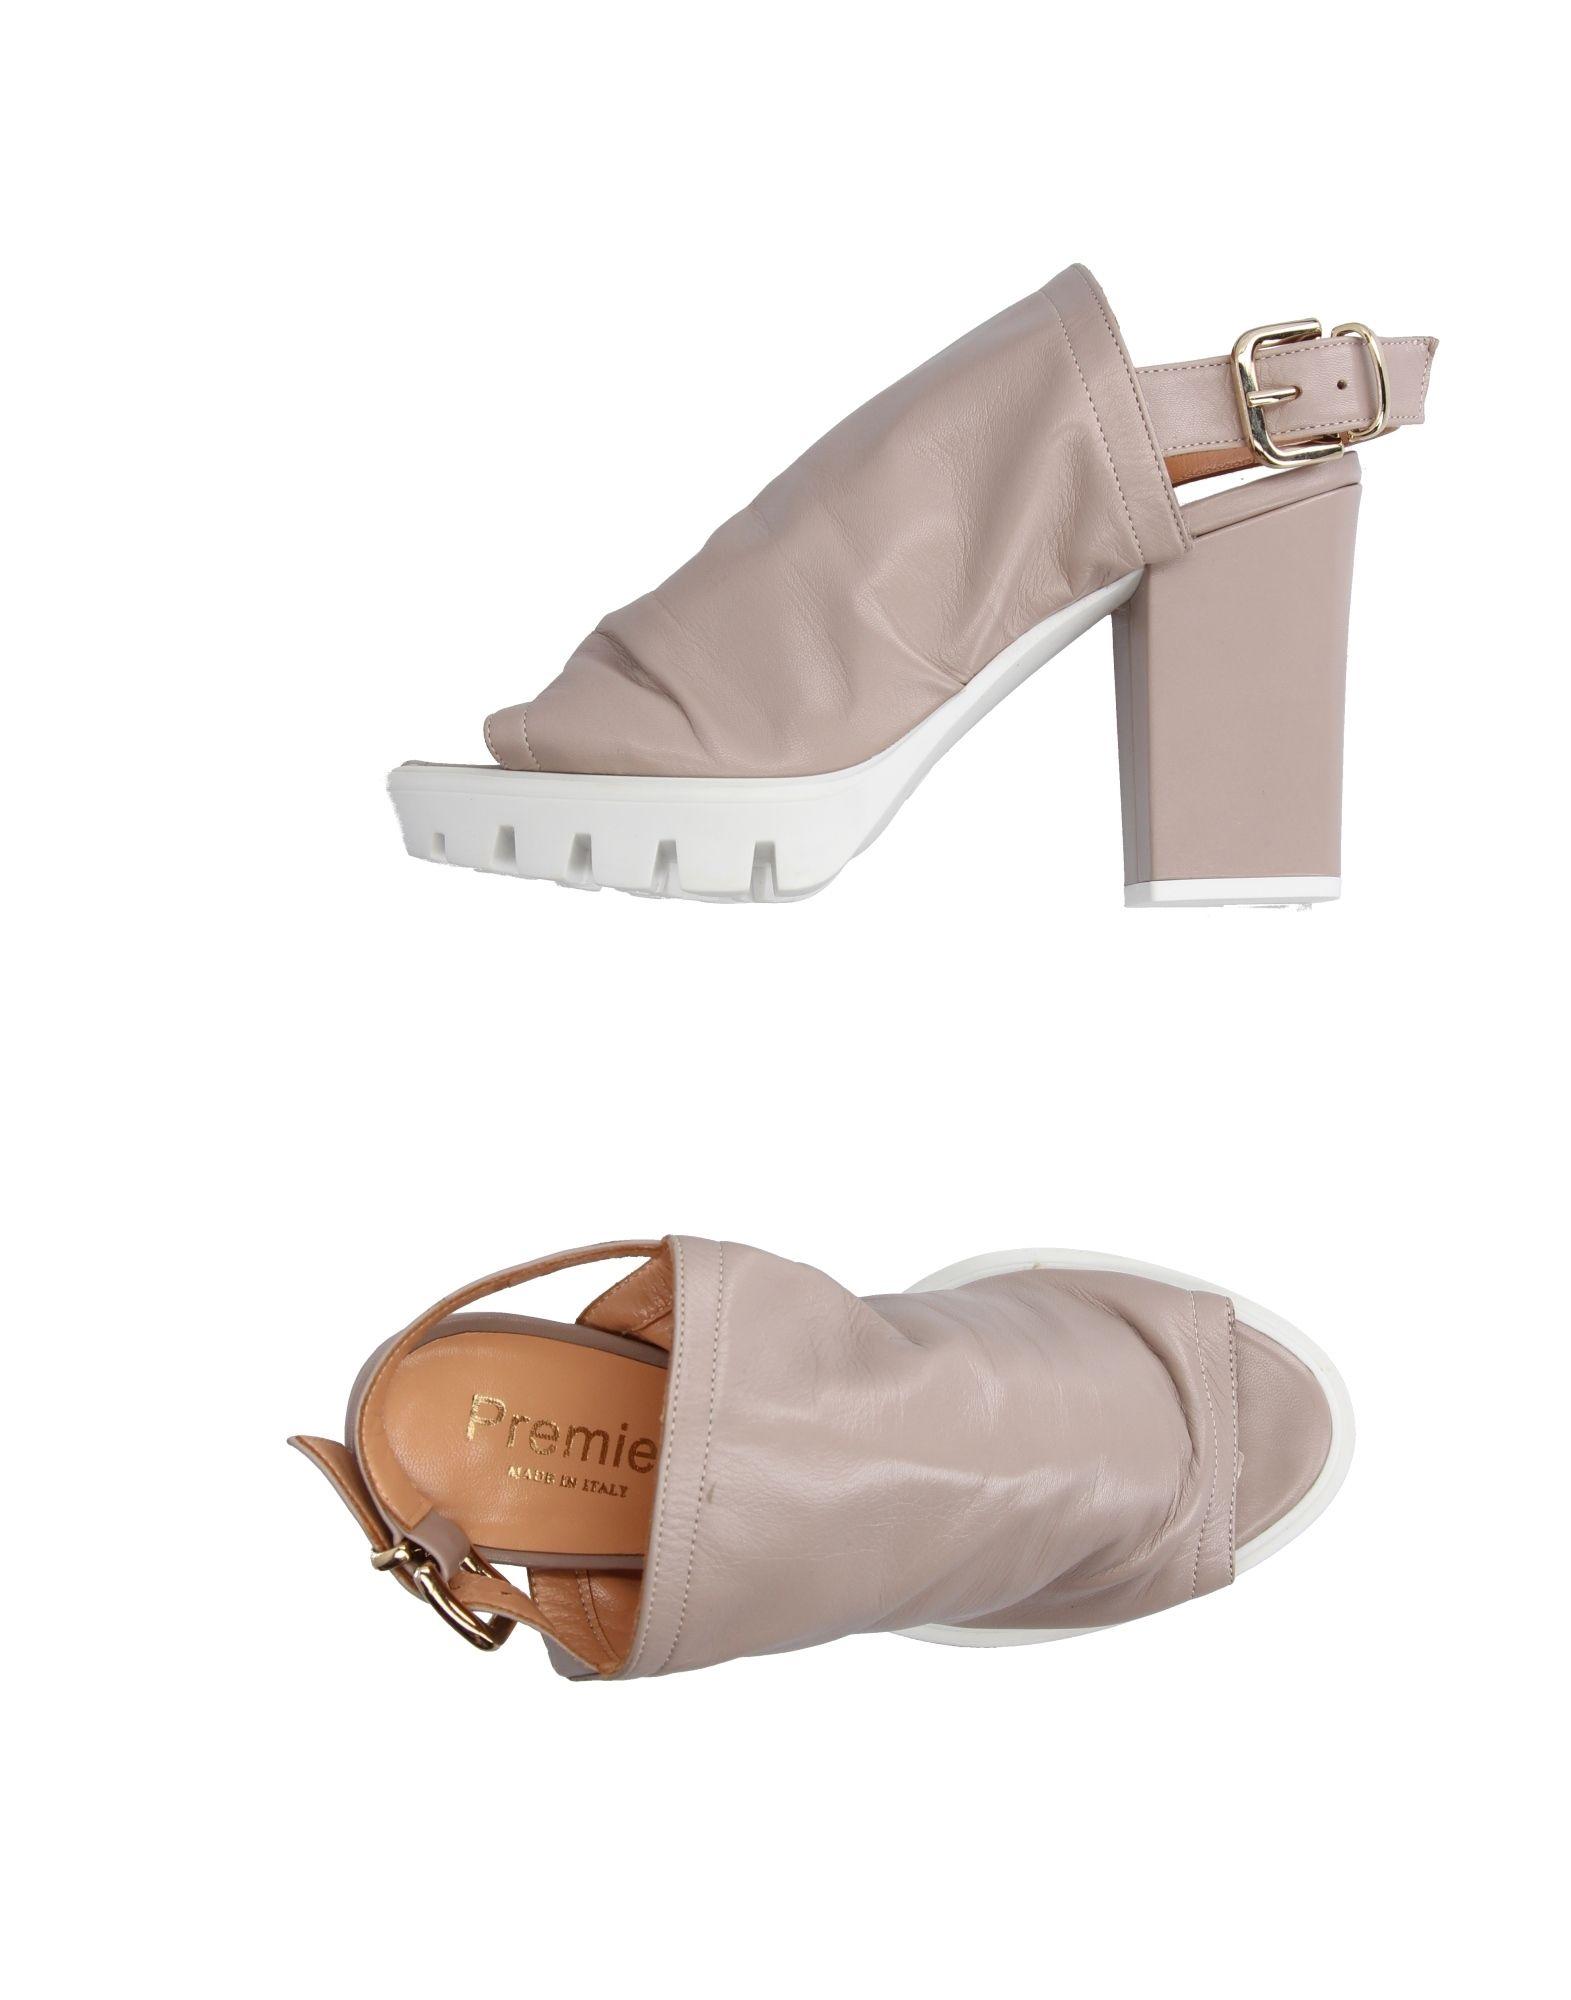 Sandales Premier Femme - Sandales Premier sur